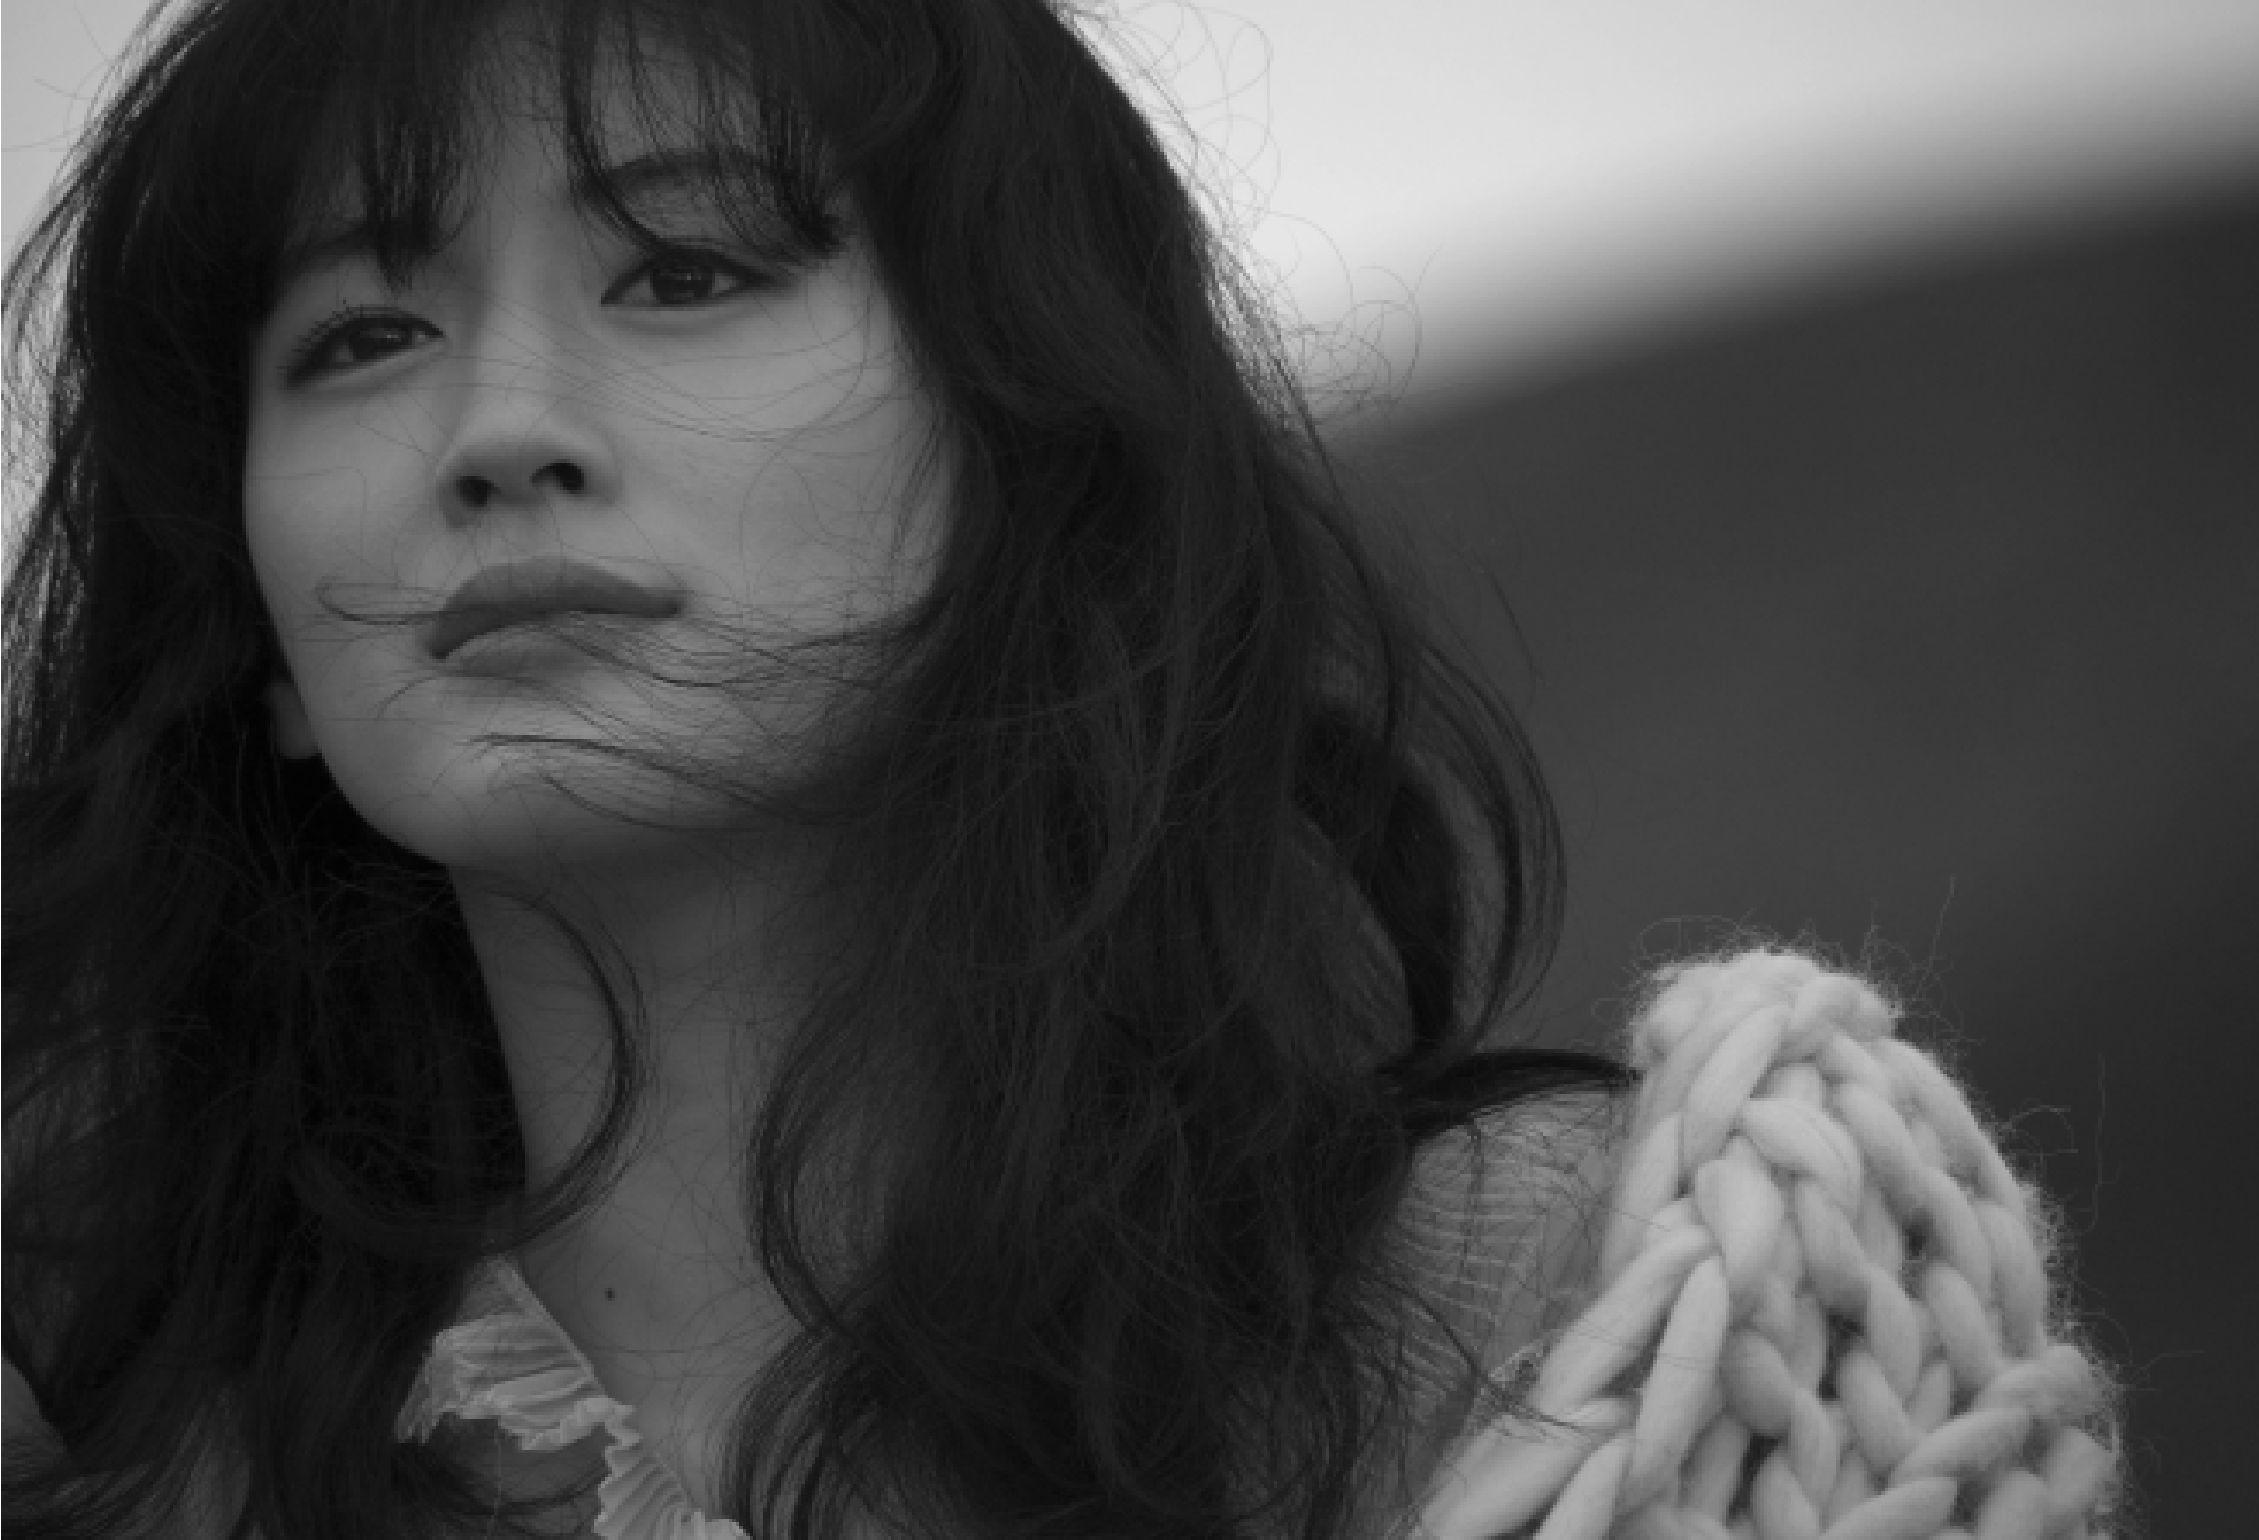 パナソニックセンター大阪で、綾瀬はるかさんを新デジタル一眼カメラLUMIX「GM」で撮りおろした写真展開催!